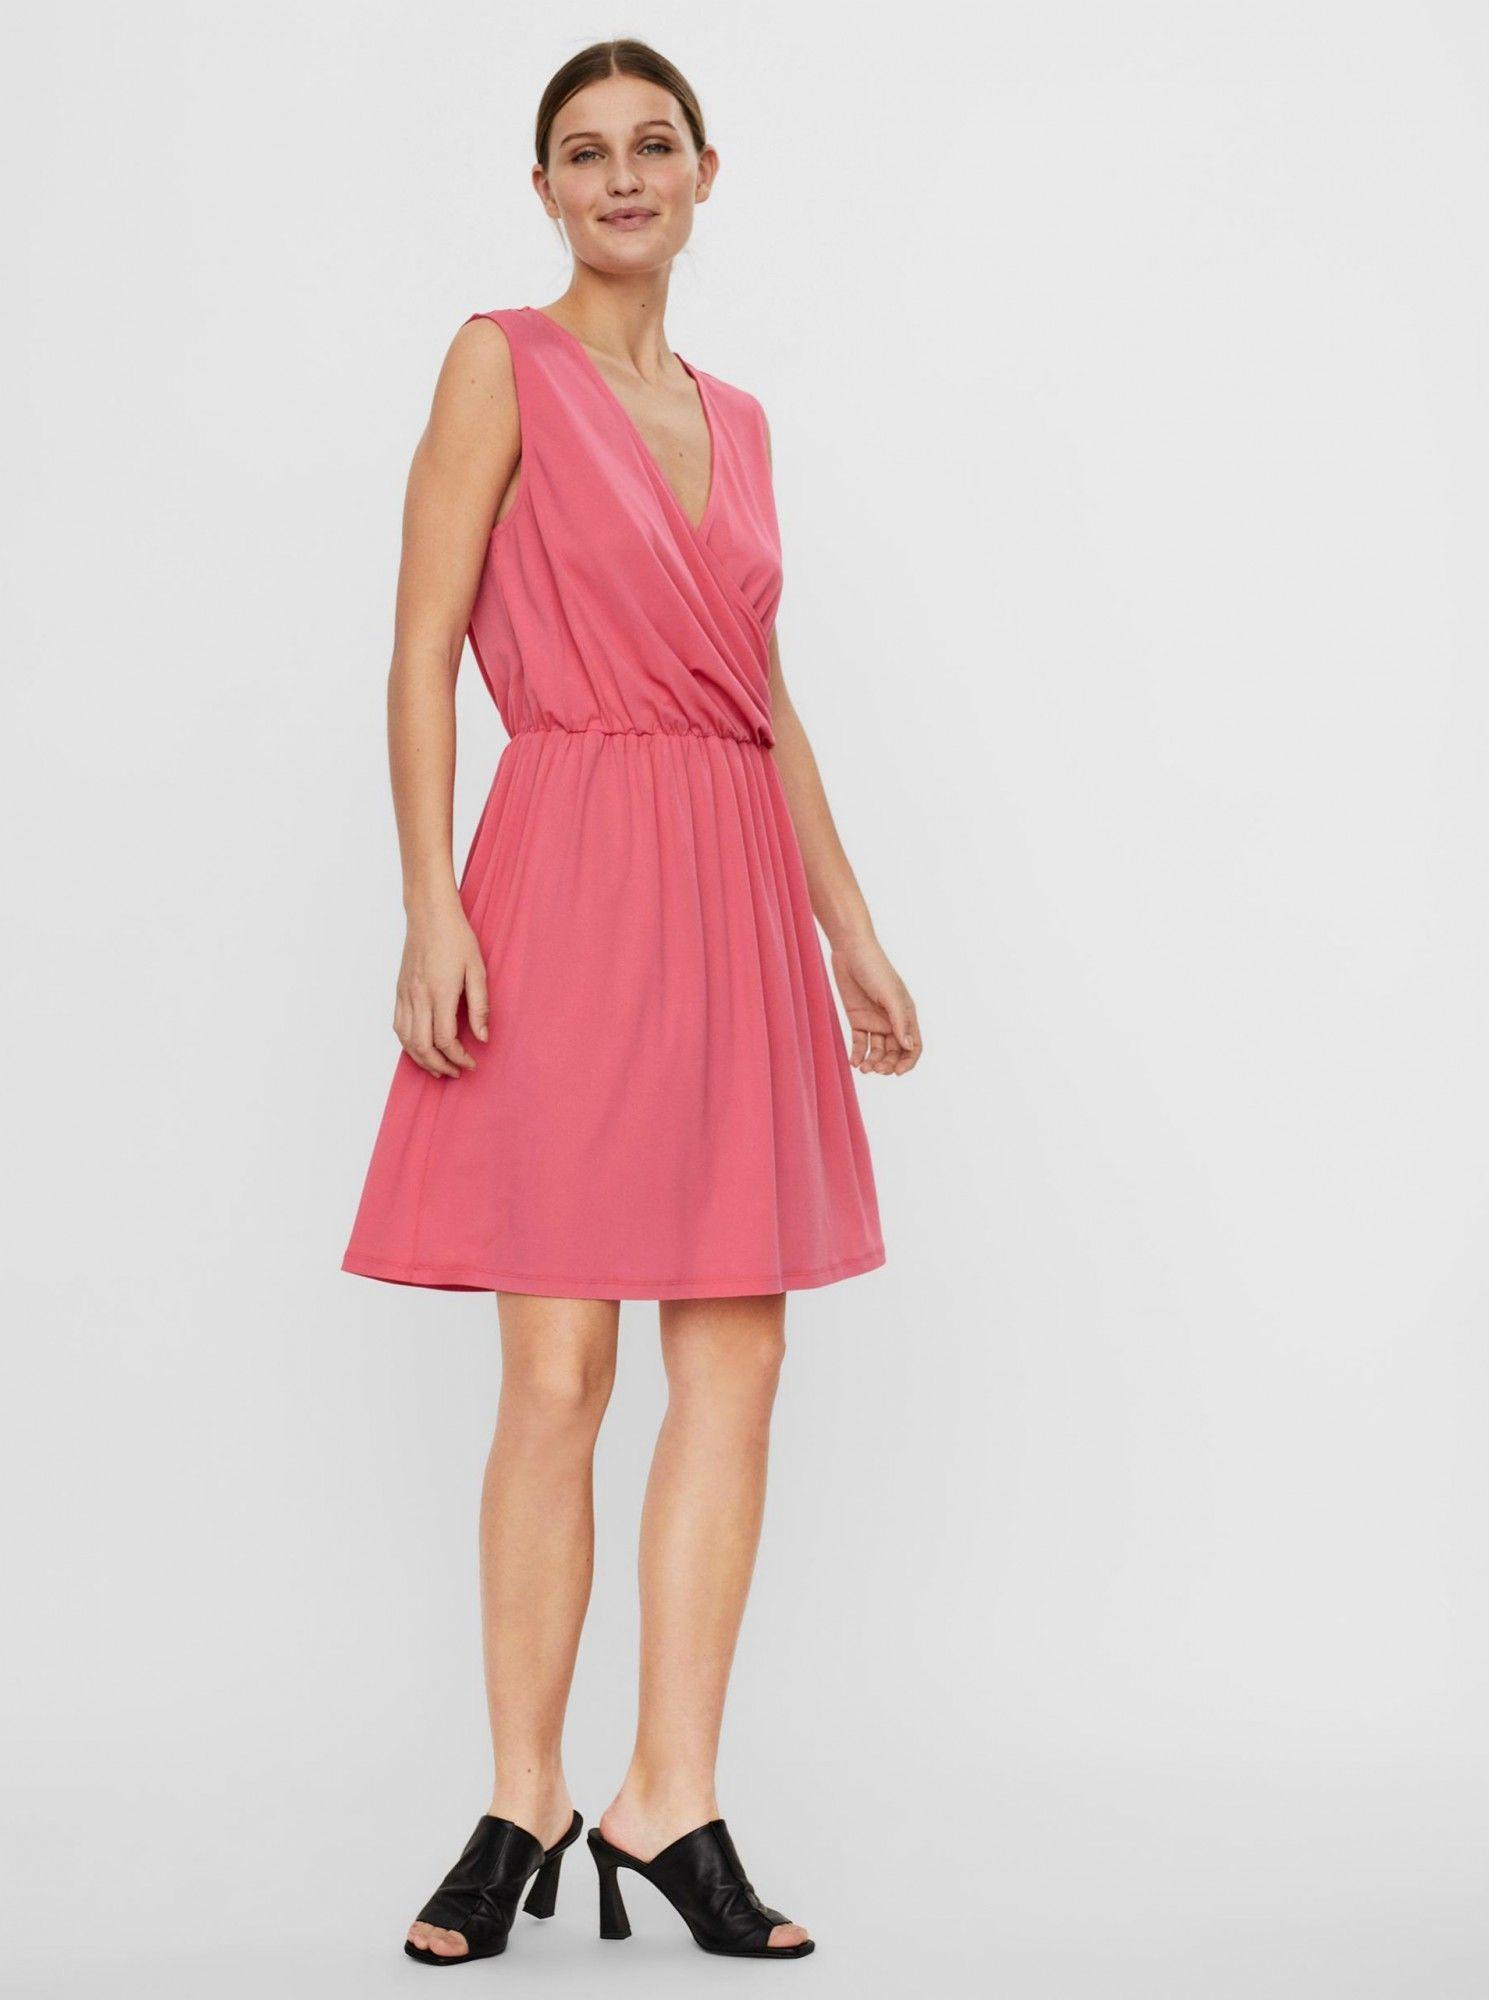 Vero Moda różowy sukienka Haidy